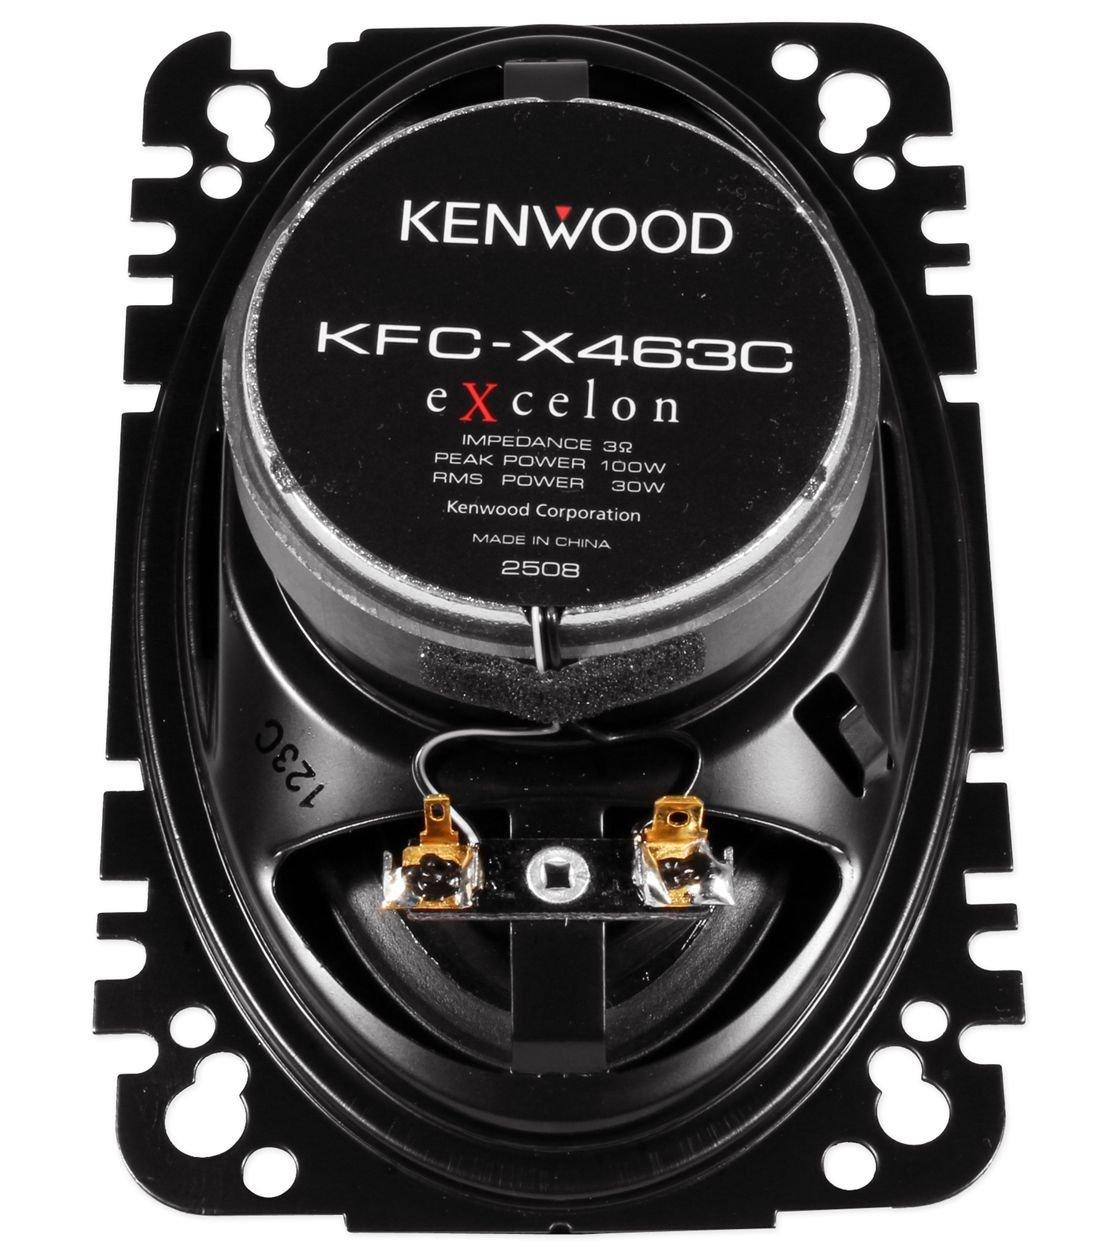 60 Watts RMS Kenwood Excelon KFC-X463C 4 x 6 2 Way Pair Of Car Audio Speakers Totalling 200 Watts Peak